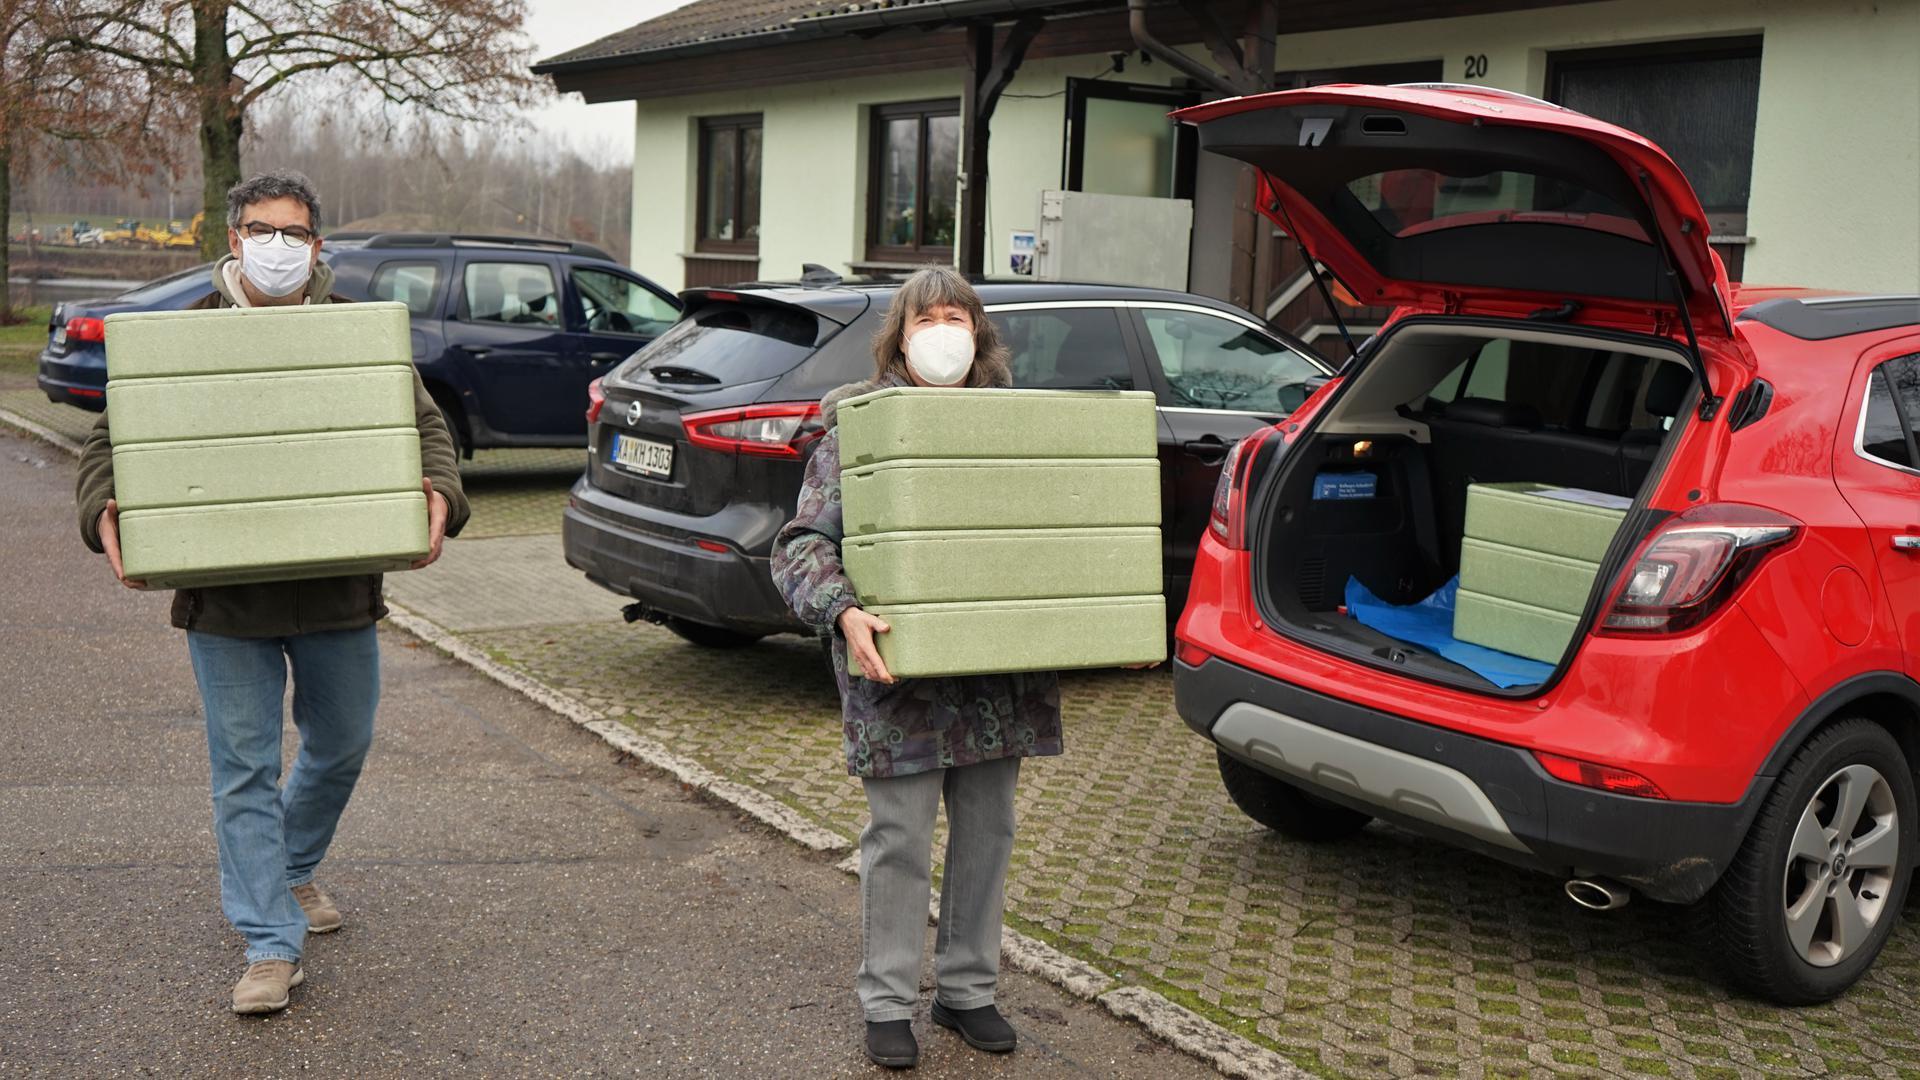 Bereit zum  Transport: Ehrenamtliche Kräfte  bringen  das in Thermoboxen verpackte Mittagessen  zu den älteren Menschen in Au am Rhein.